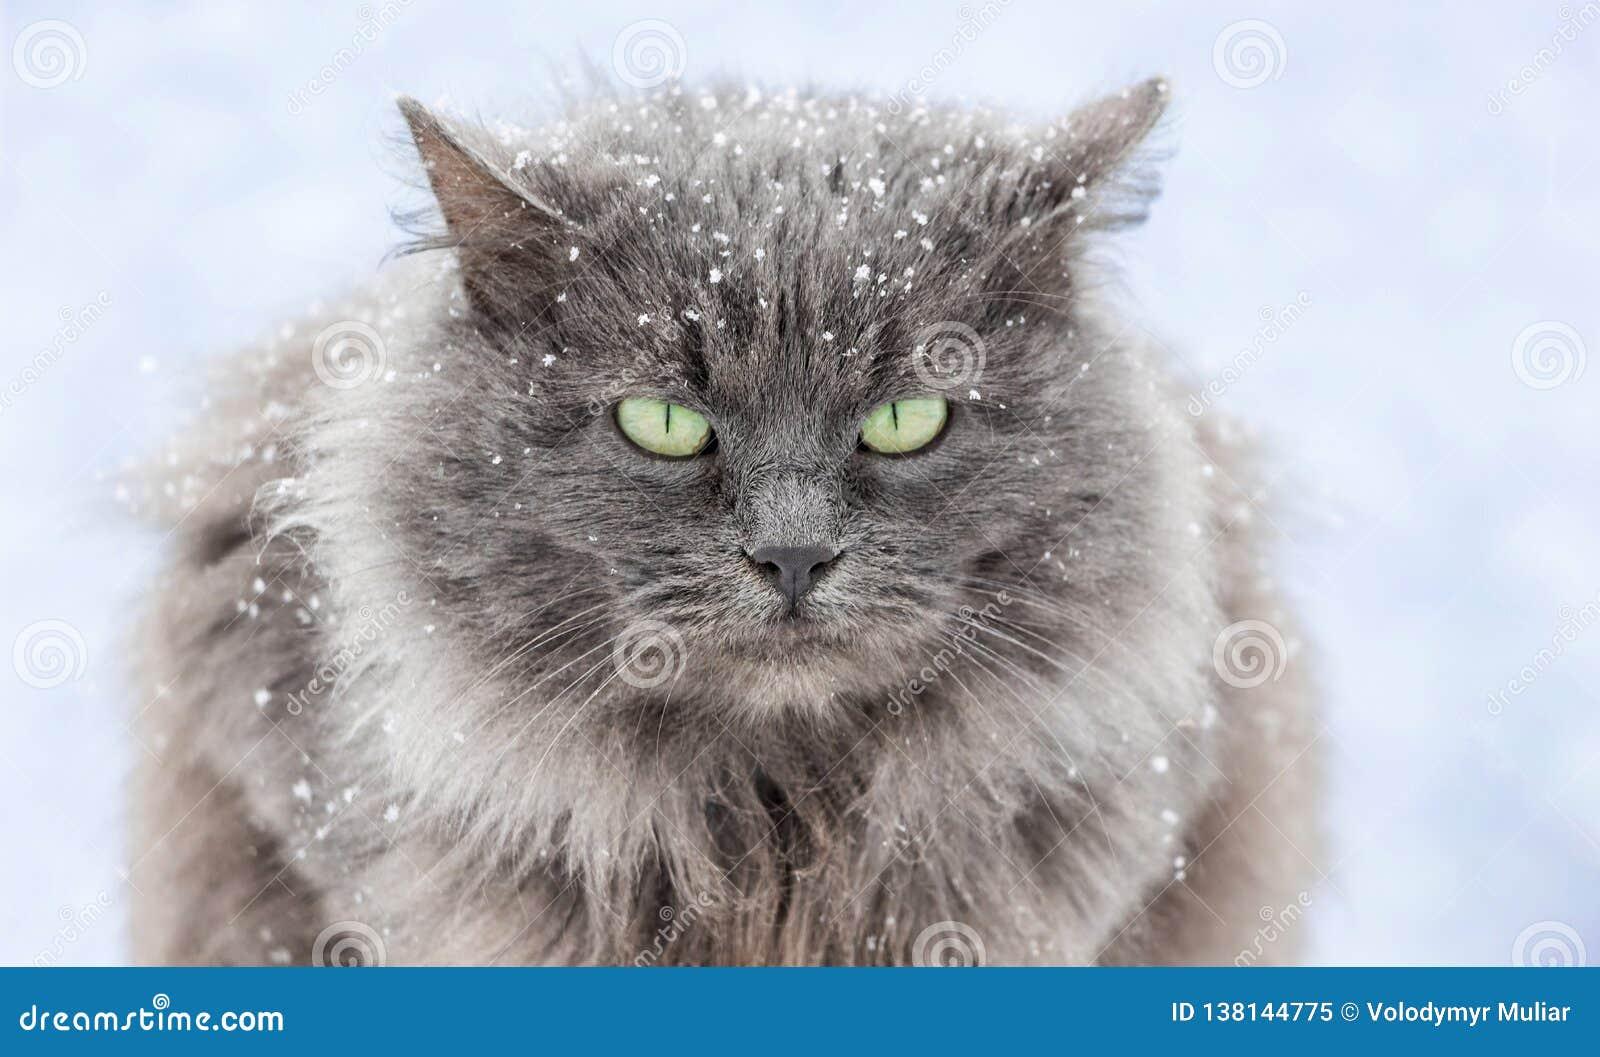 покрытый Снег кот с зелеными глазами сидя на street_